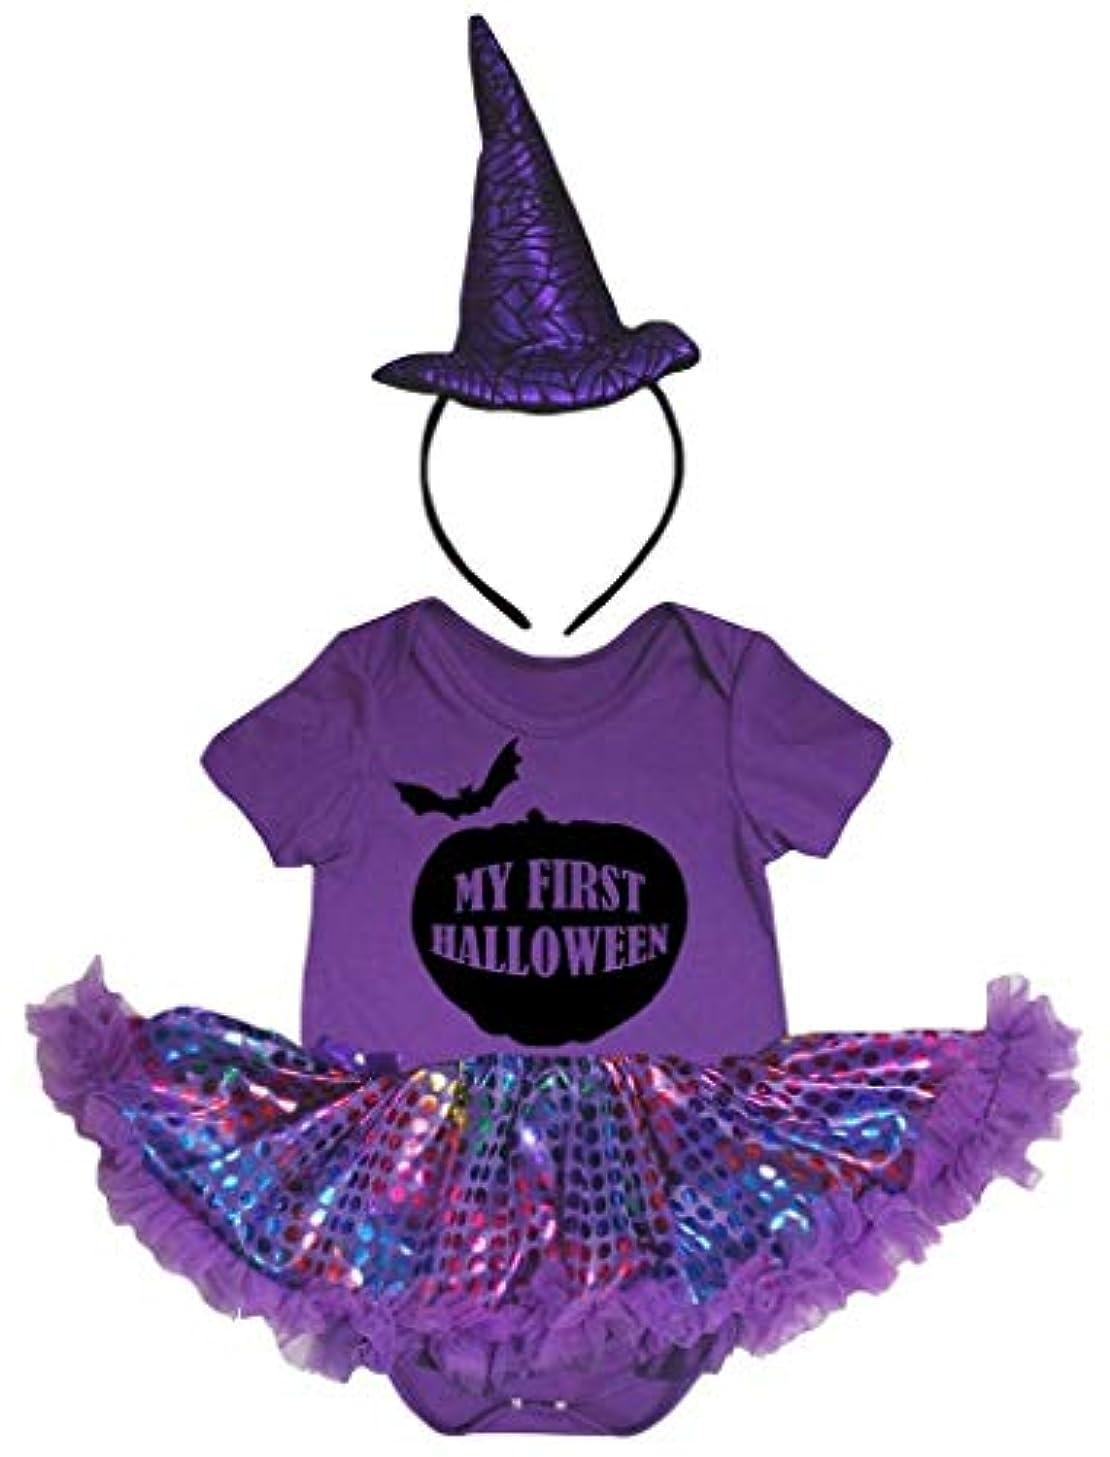 ルーム露伸ばす[キッズコーナー] ハロウィン My First Halloween パープル ボディスーツ パープル ドット 子供のチュチ、コスチューム、子供のチュチュ、ベビー服、女の子のワンピースドレス Nb-18m (パープル, Medium) [並行輸入品]